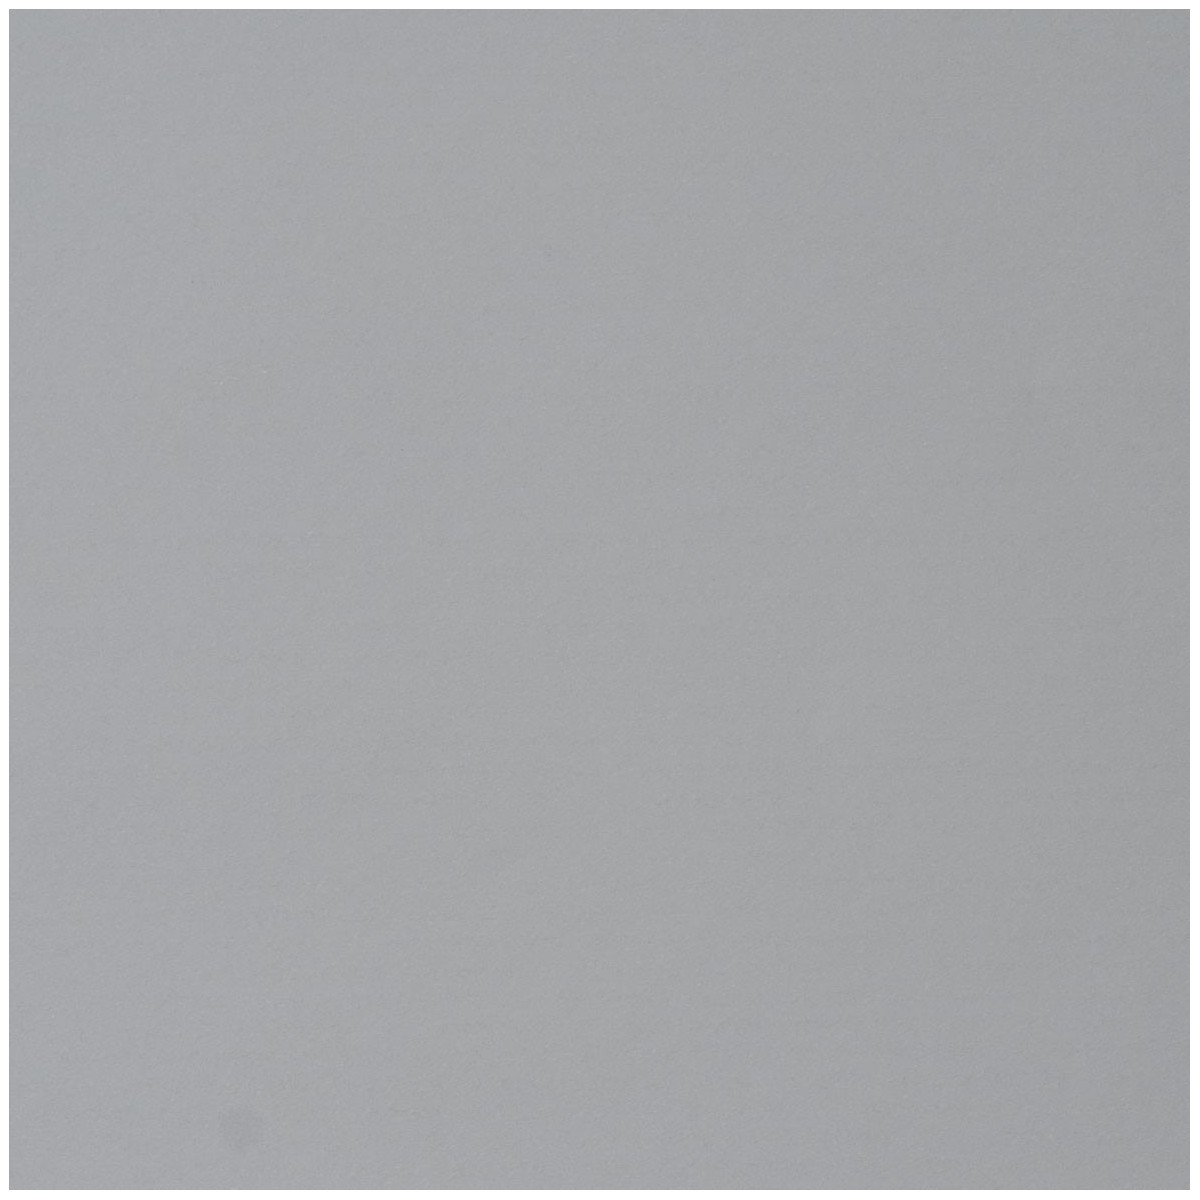 Carta Sealing Bianco ECOWHITE Gr.60 Fogli Cm.70x100 Colori Tinta Unita (al Kg.) Grigio Perla